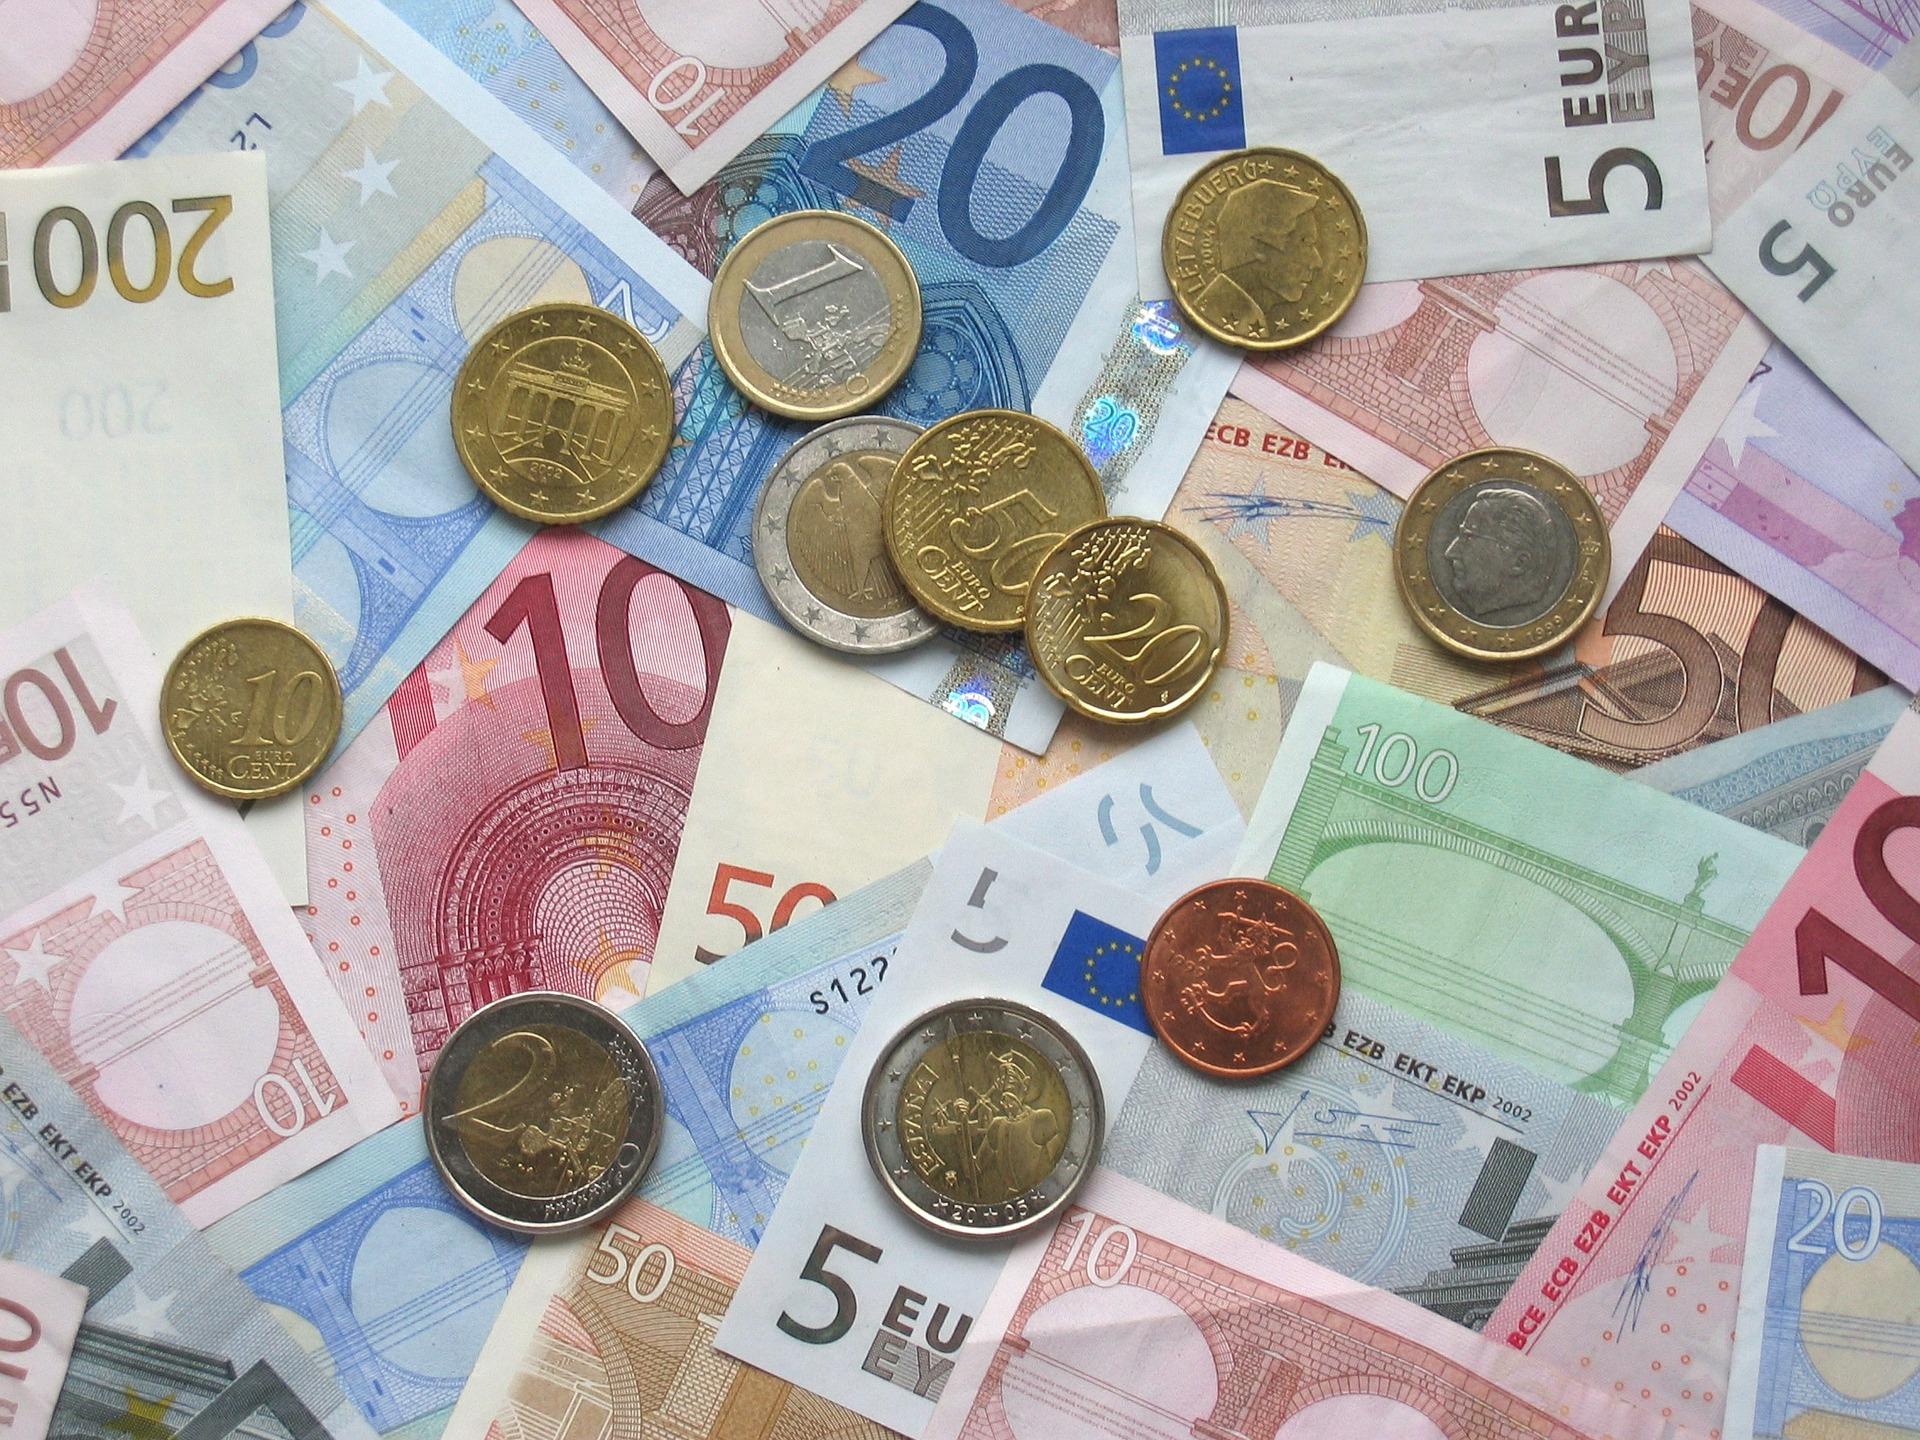 Verschiedene Euroscheine, die die gesamte Tischfläche abdecken. Zusätzlich wurden auf die Scheine einige Münzen drauf gelegt.